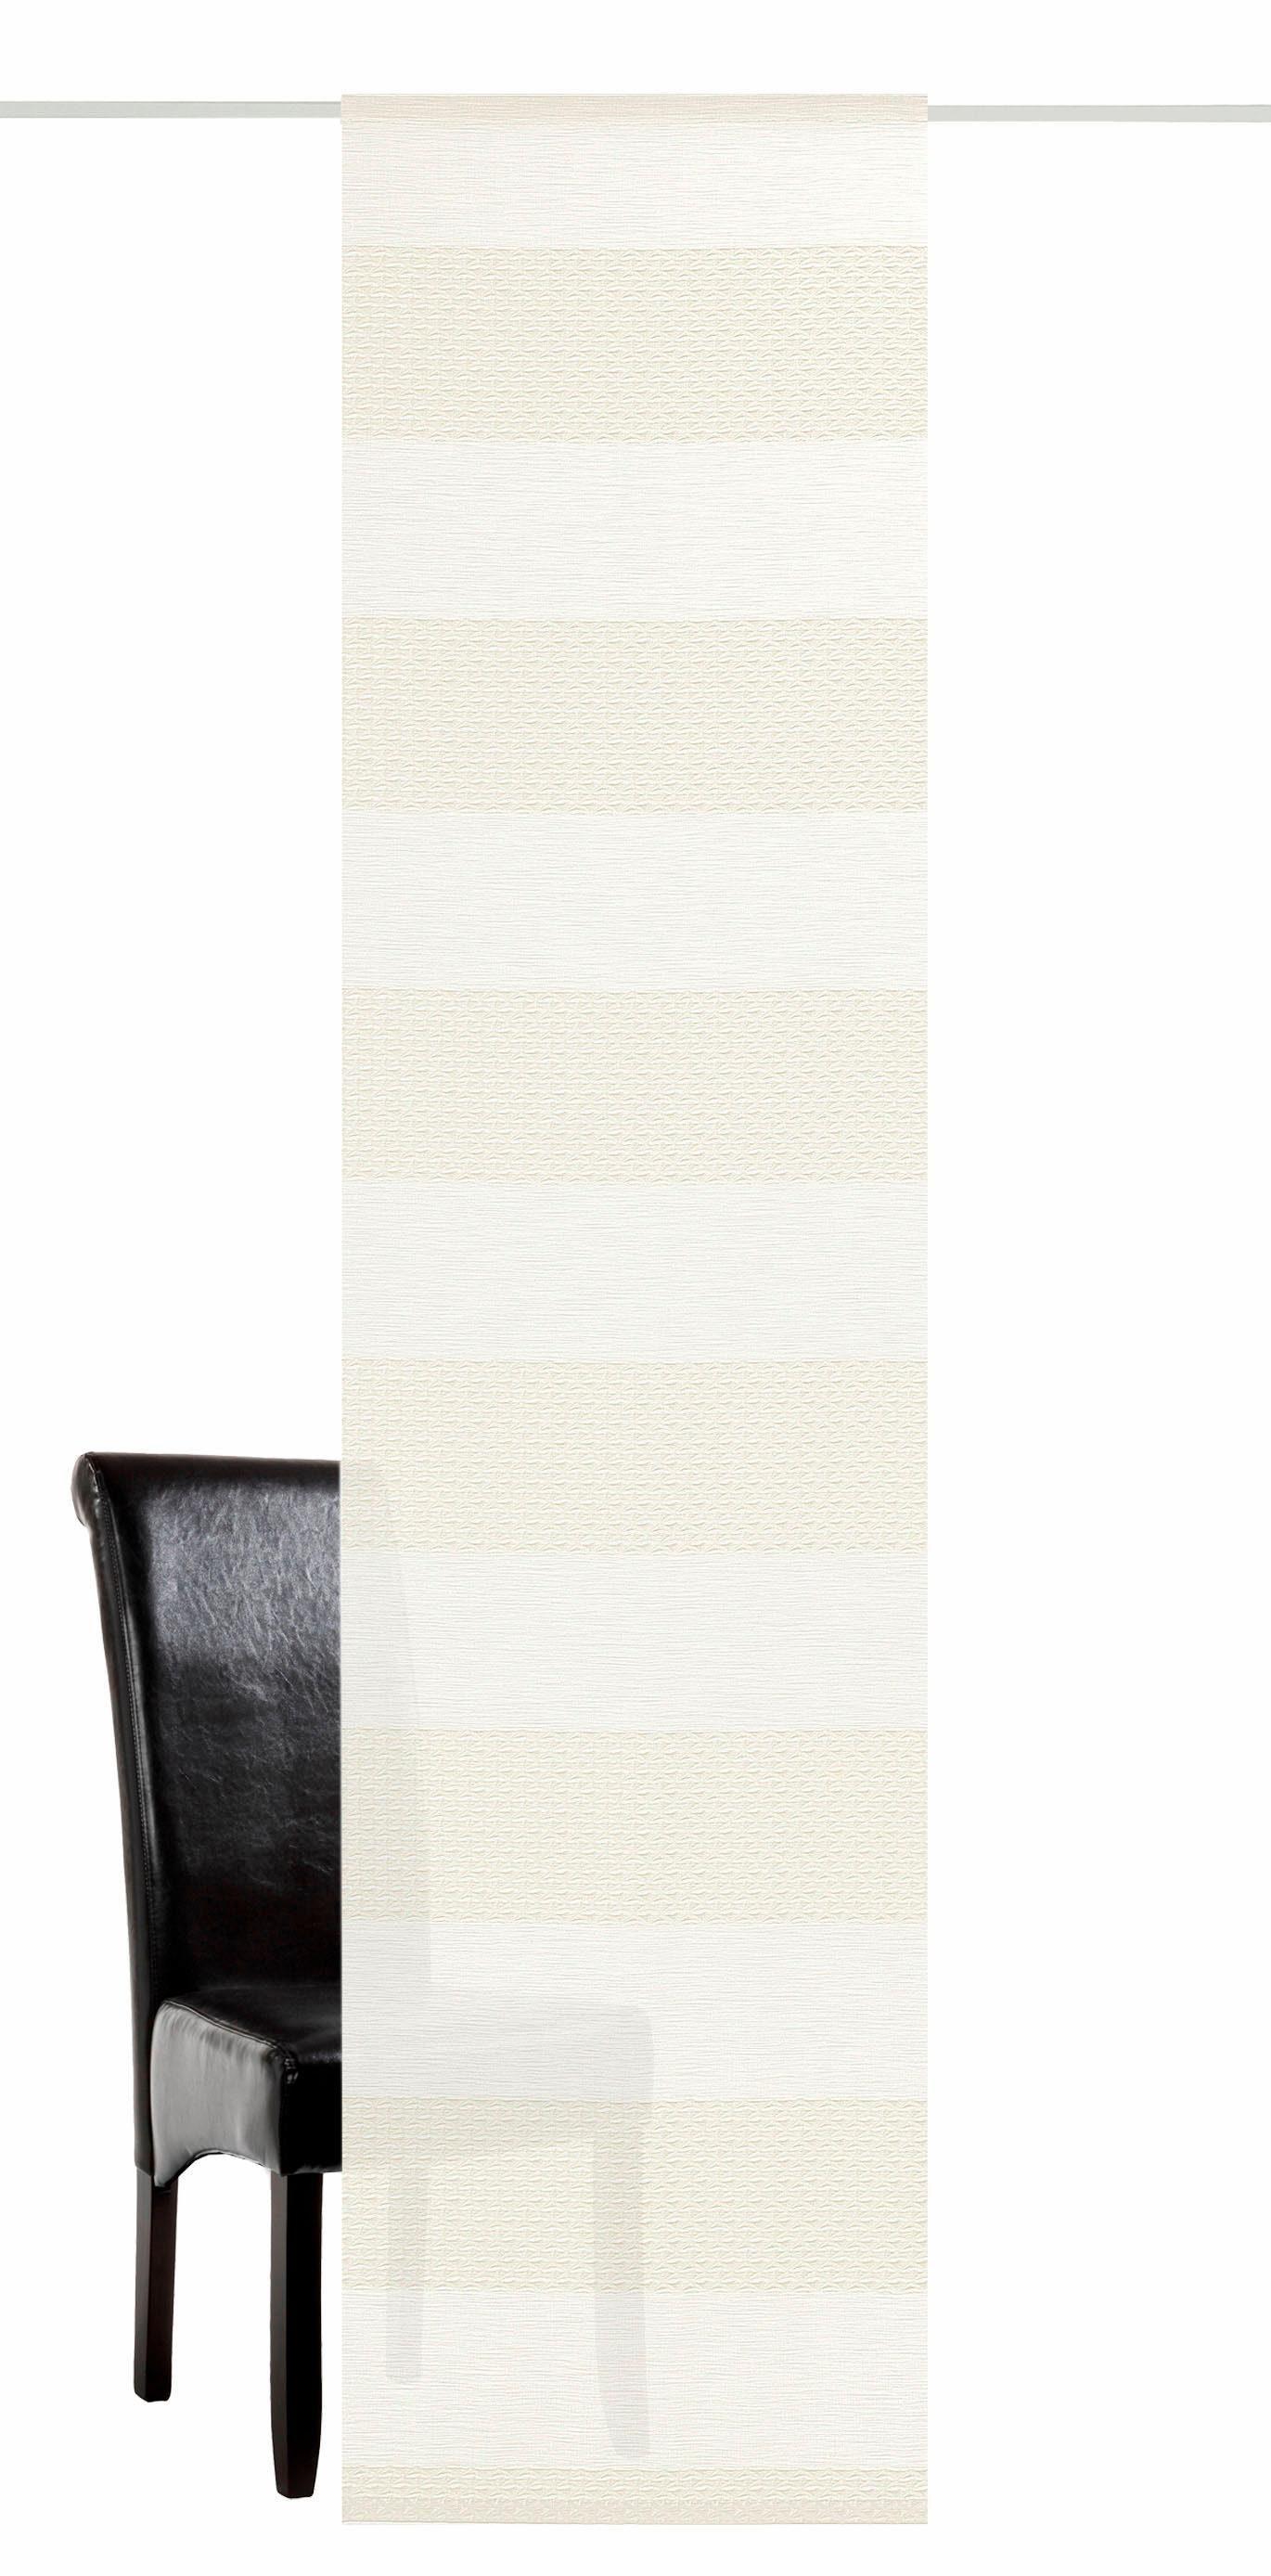 Schiebegardine »Tamara«, DEKO TRENDS, Klettband (1 Stück), inkl. Befestigungszubehör